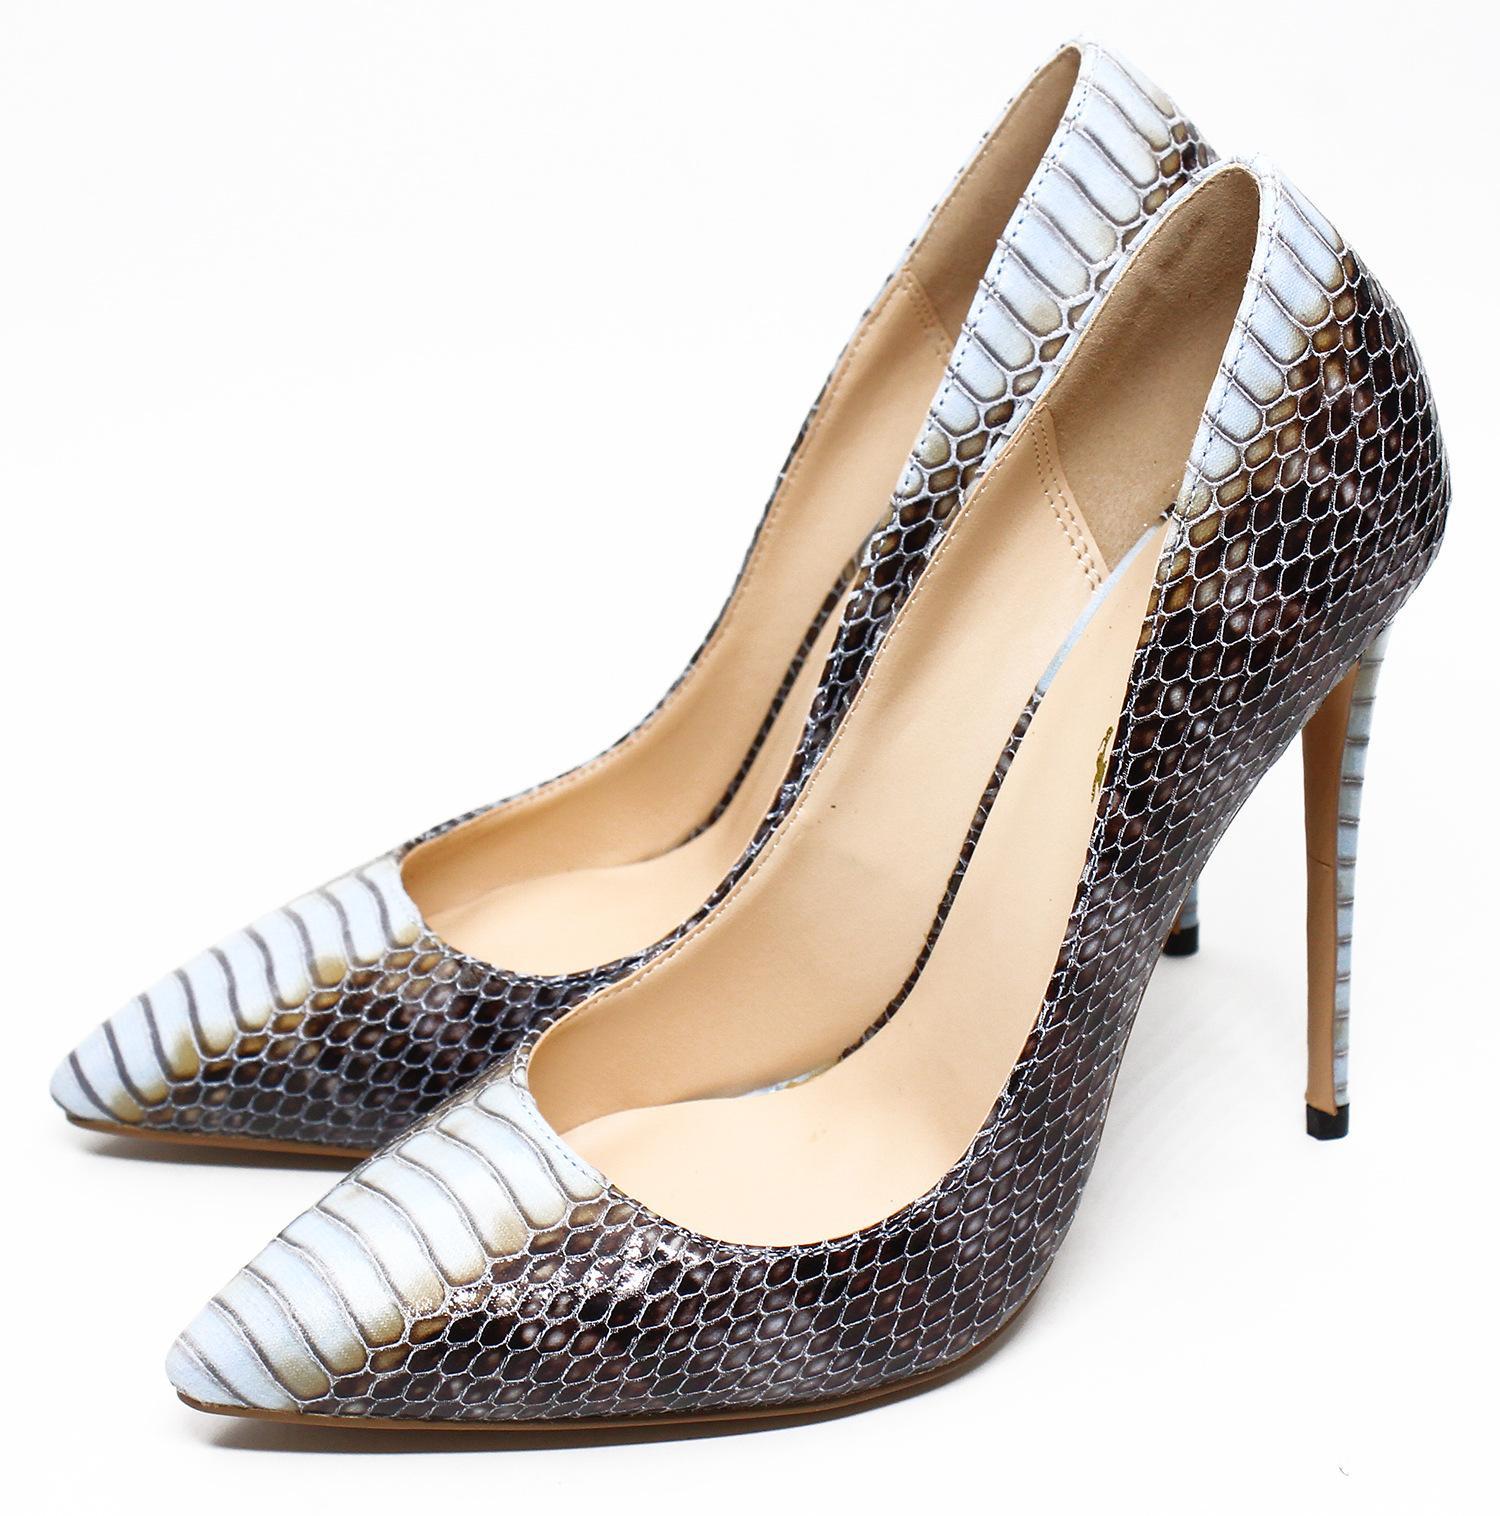 7b22a31e13b44b Acheter Chaussures De Marque De Designer De Luxe Pointues Bouche  Superficielle Peau De Serpent 12cm Ultra Bas Talon Rouge Chaussures  Habillées De $49.3 Du ...